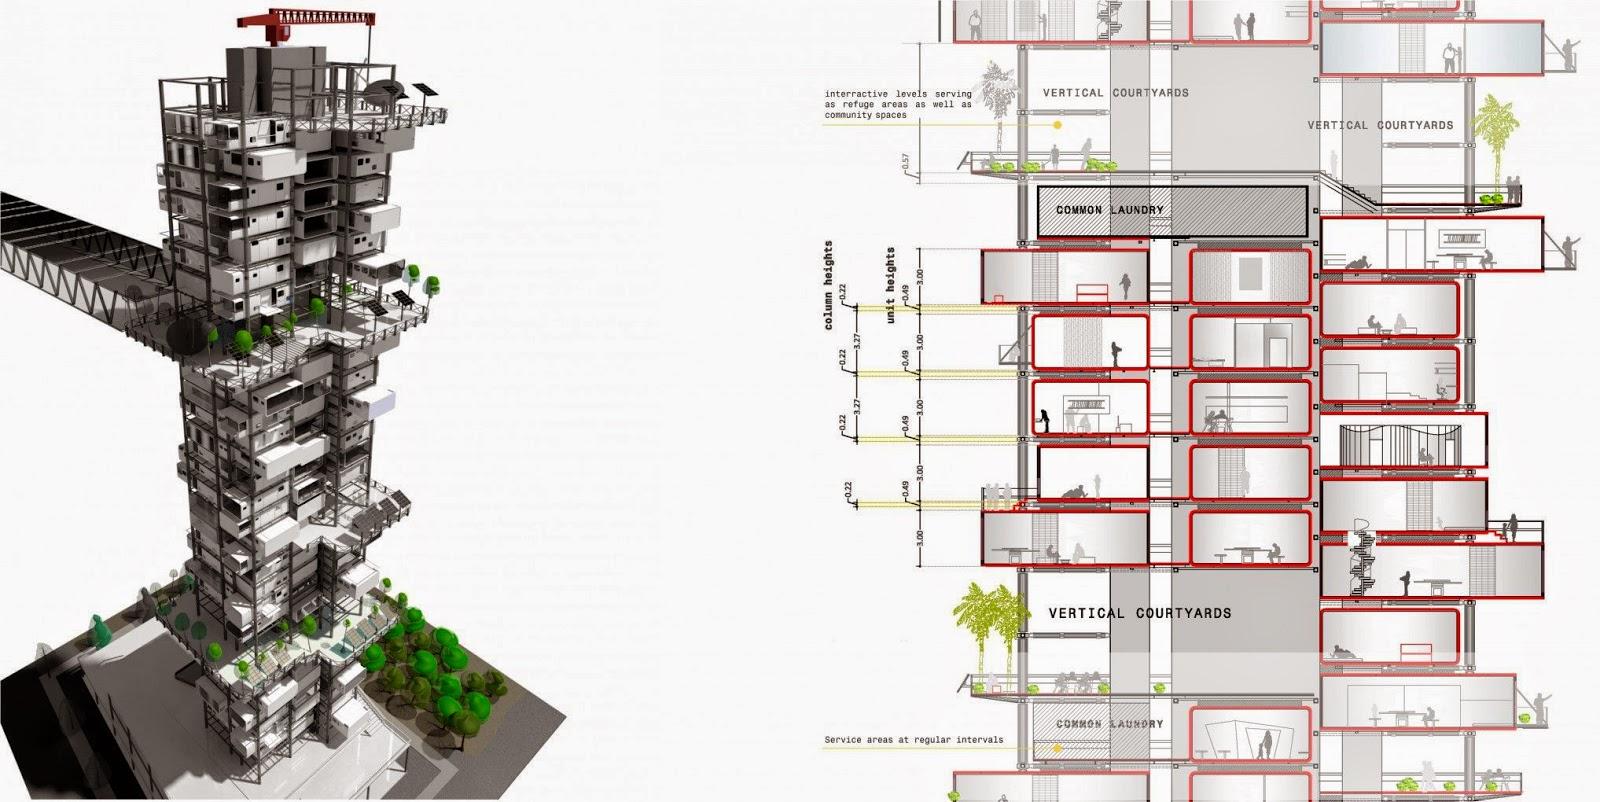 đồ án tốt nghiệp kiến trúc nhiều quốc gia